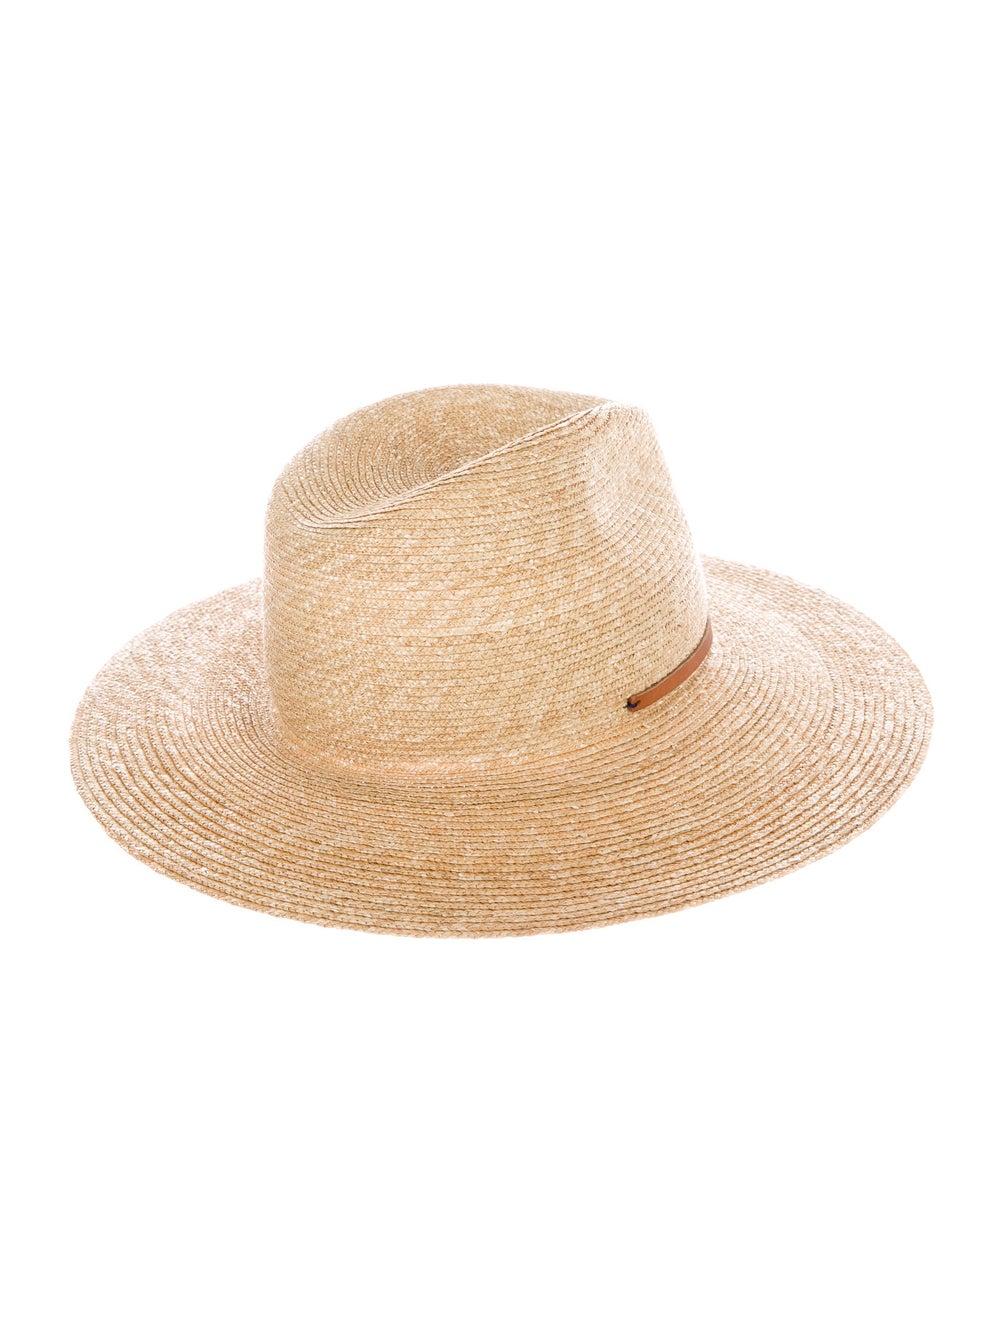 Lola Hats Raffia Wide Brim Hat Tan - image 2